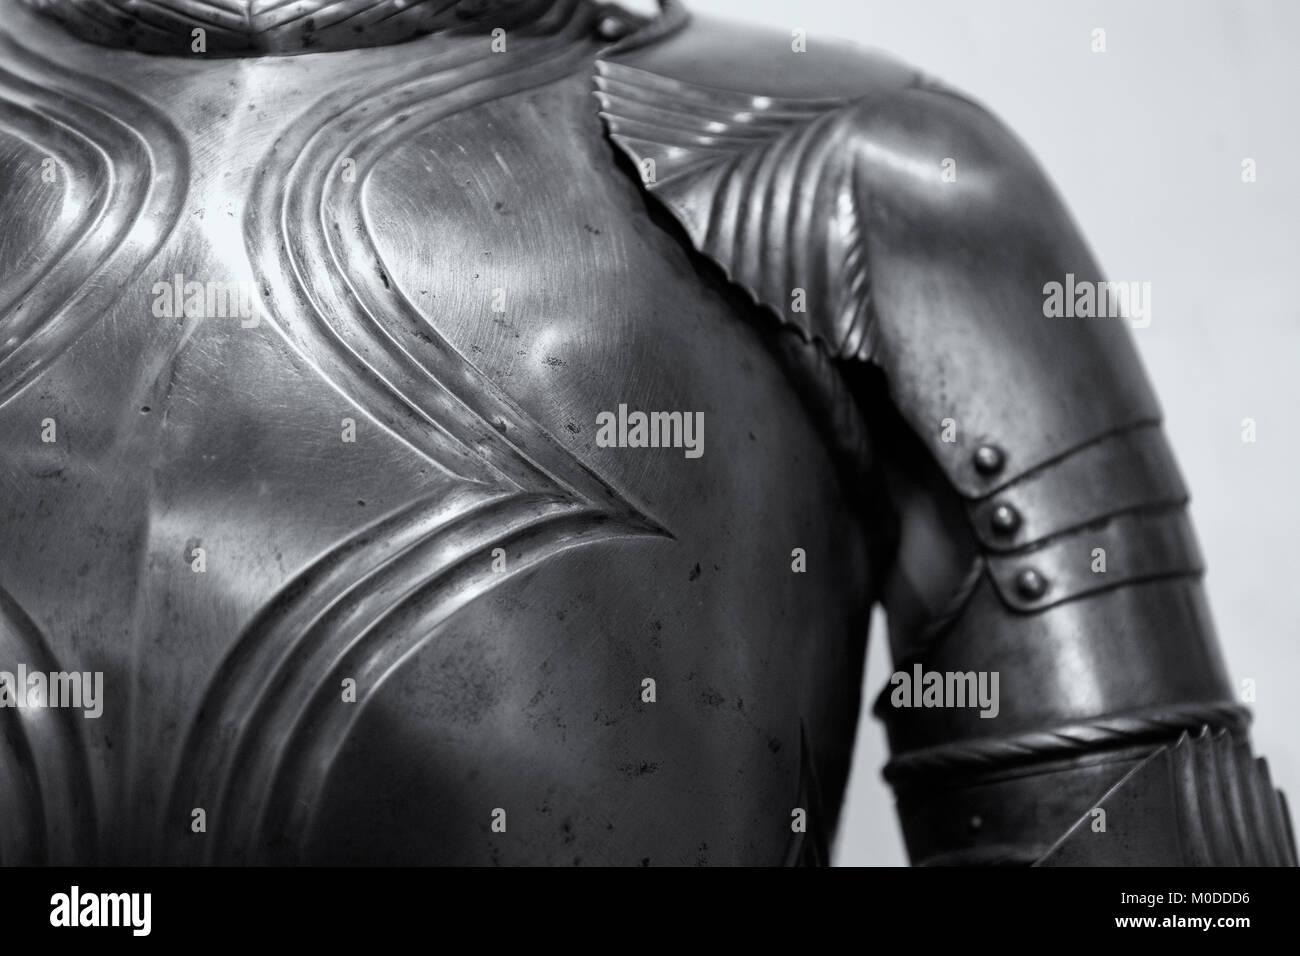 Castle Armour Armor Medieval Stock Photos & Castle Armour Armor ...